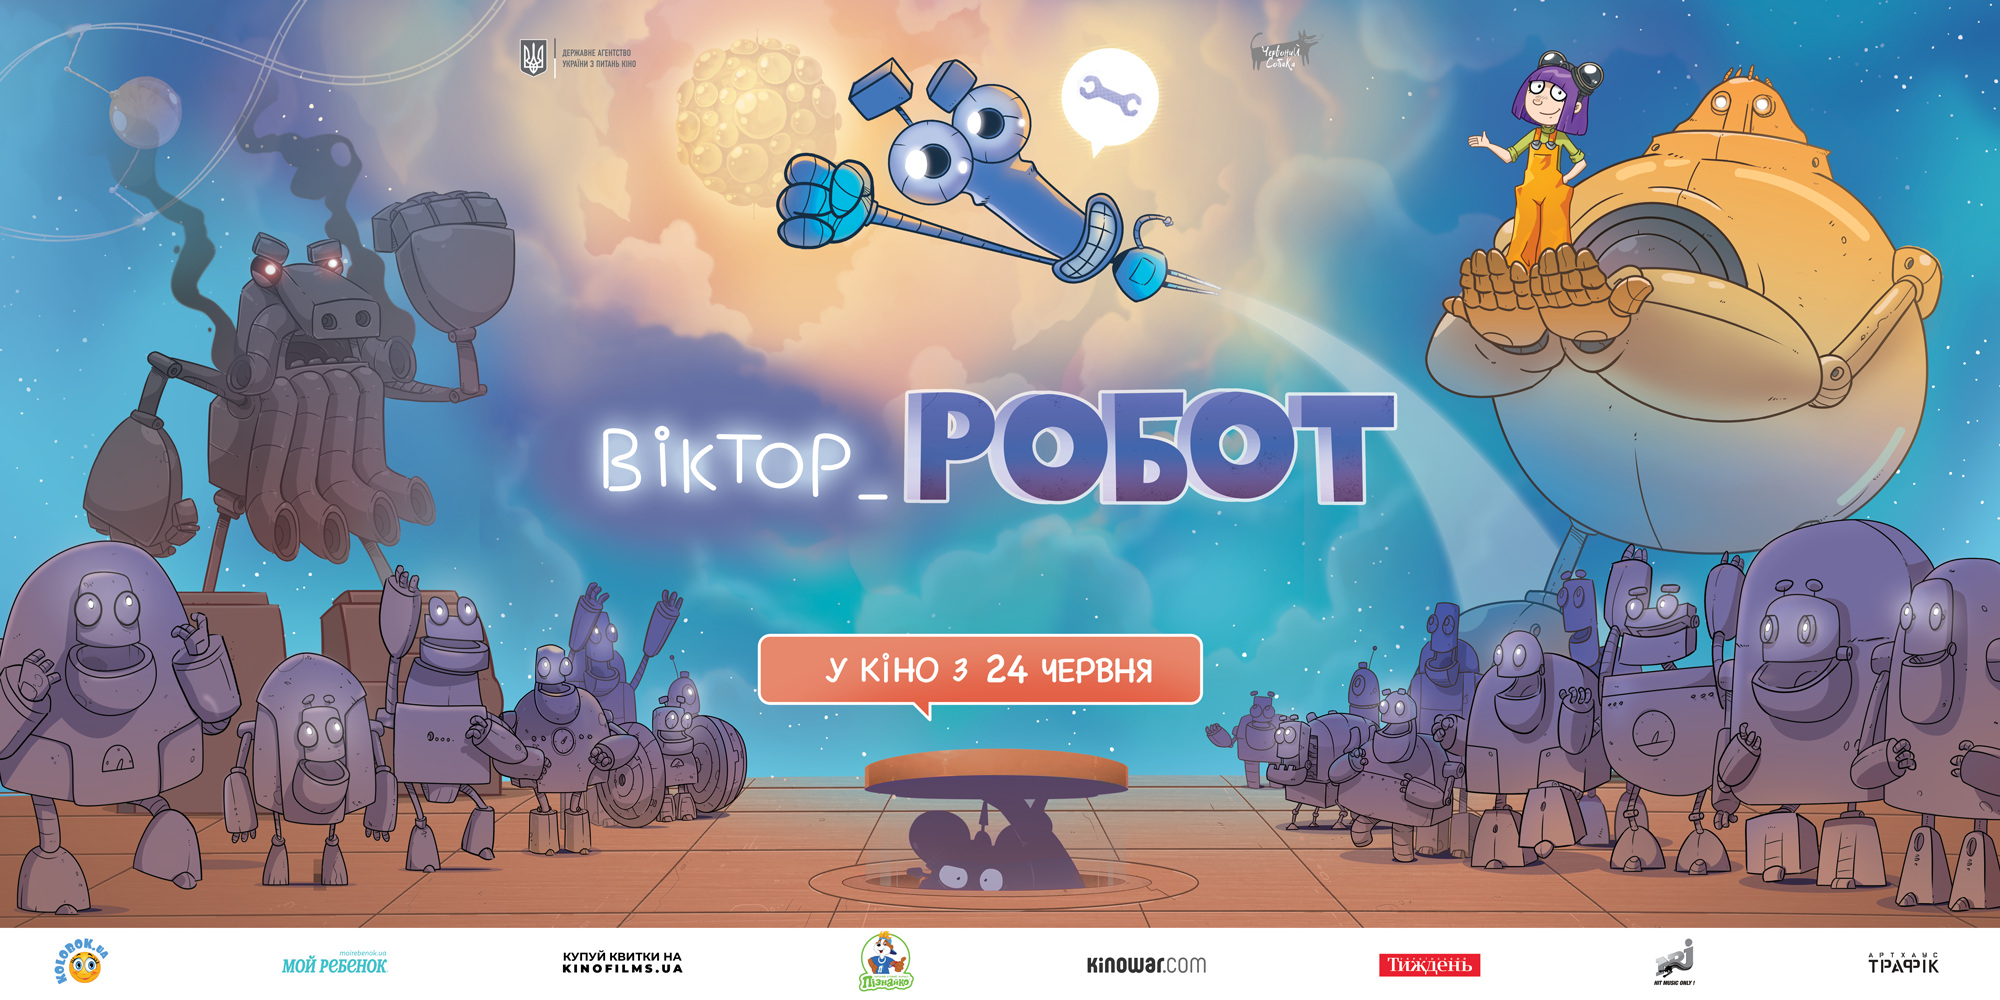 Віктор_Робот 2021